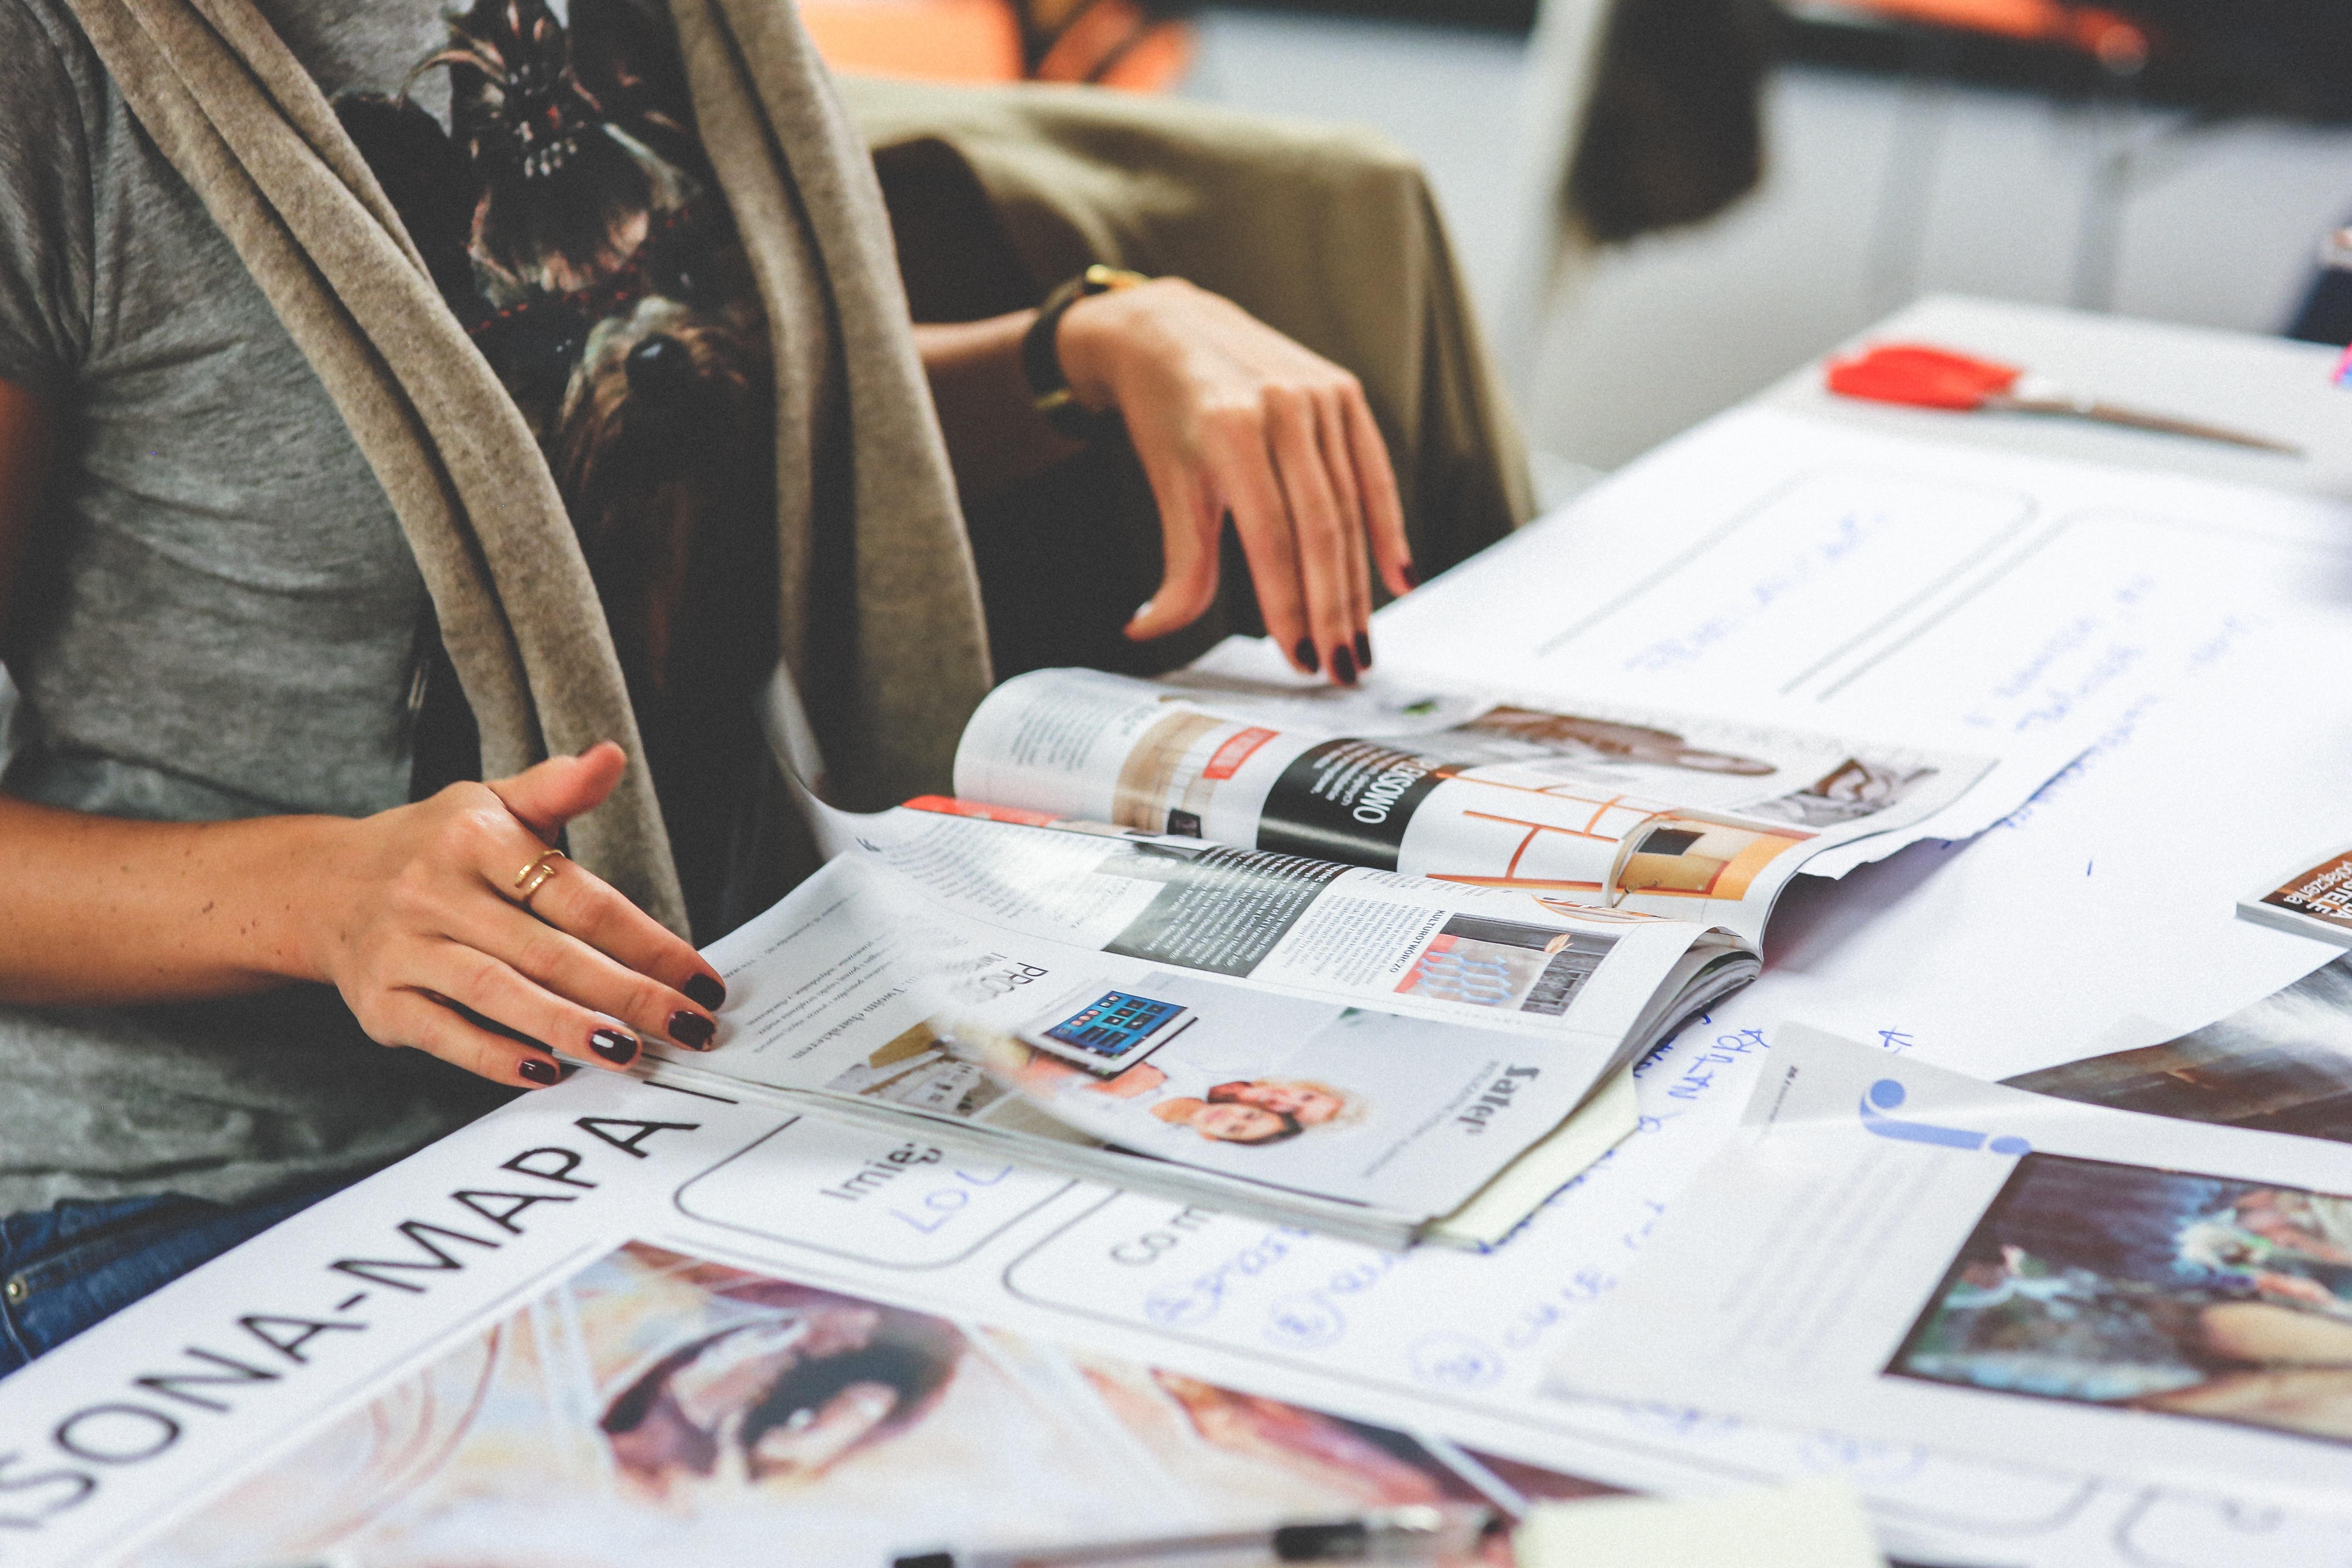 картинки журналистика и газеты дарим цветы, выражаем